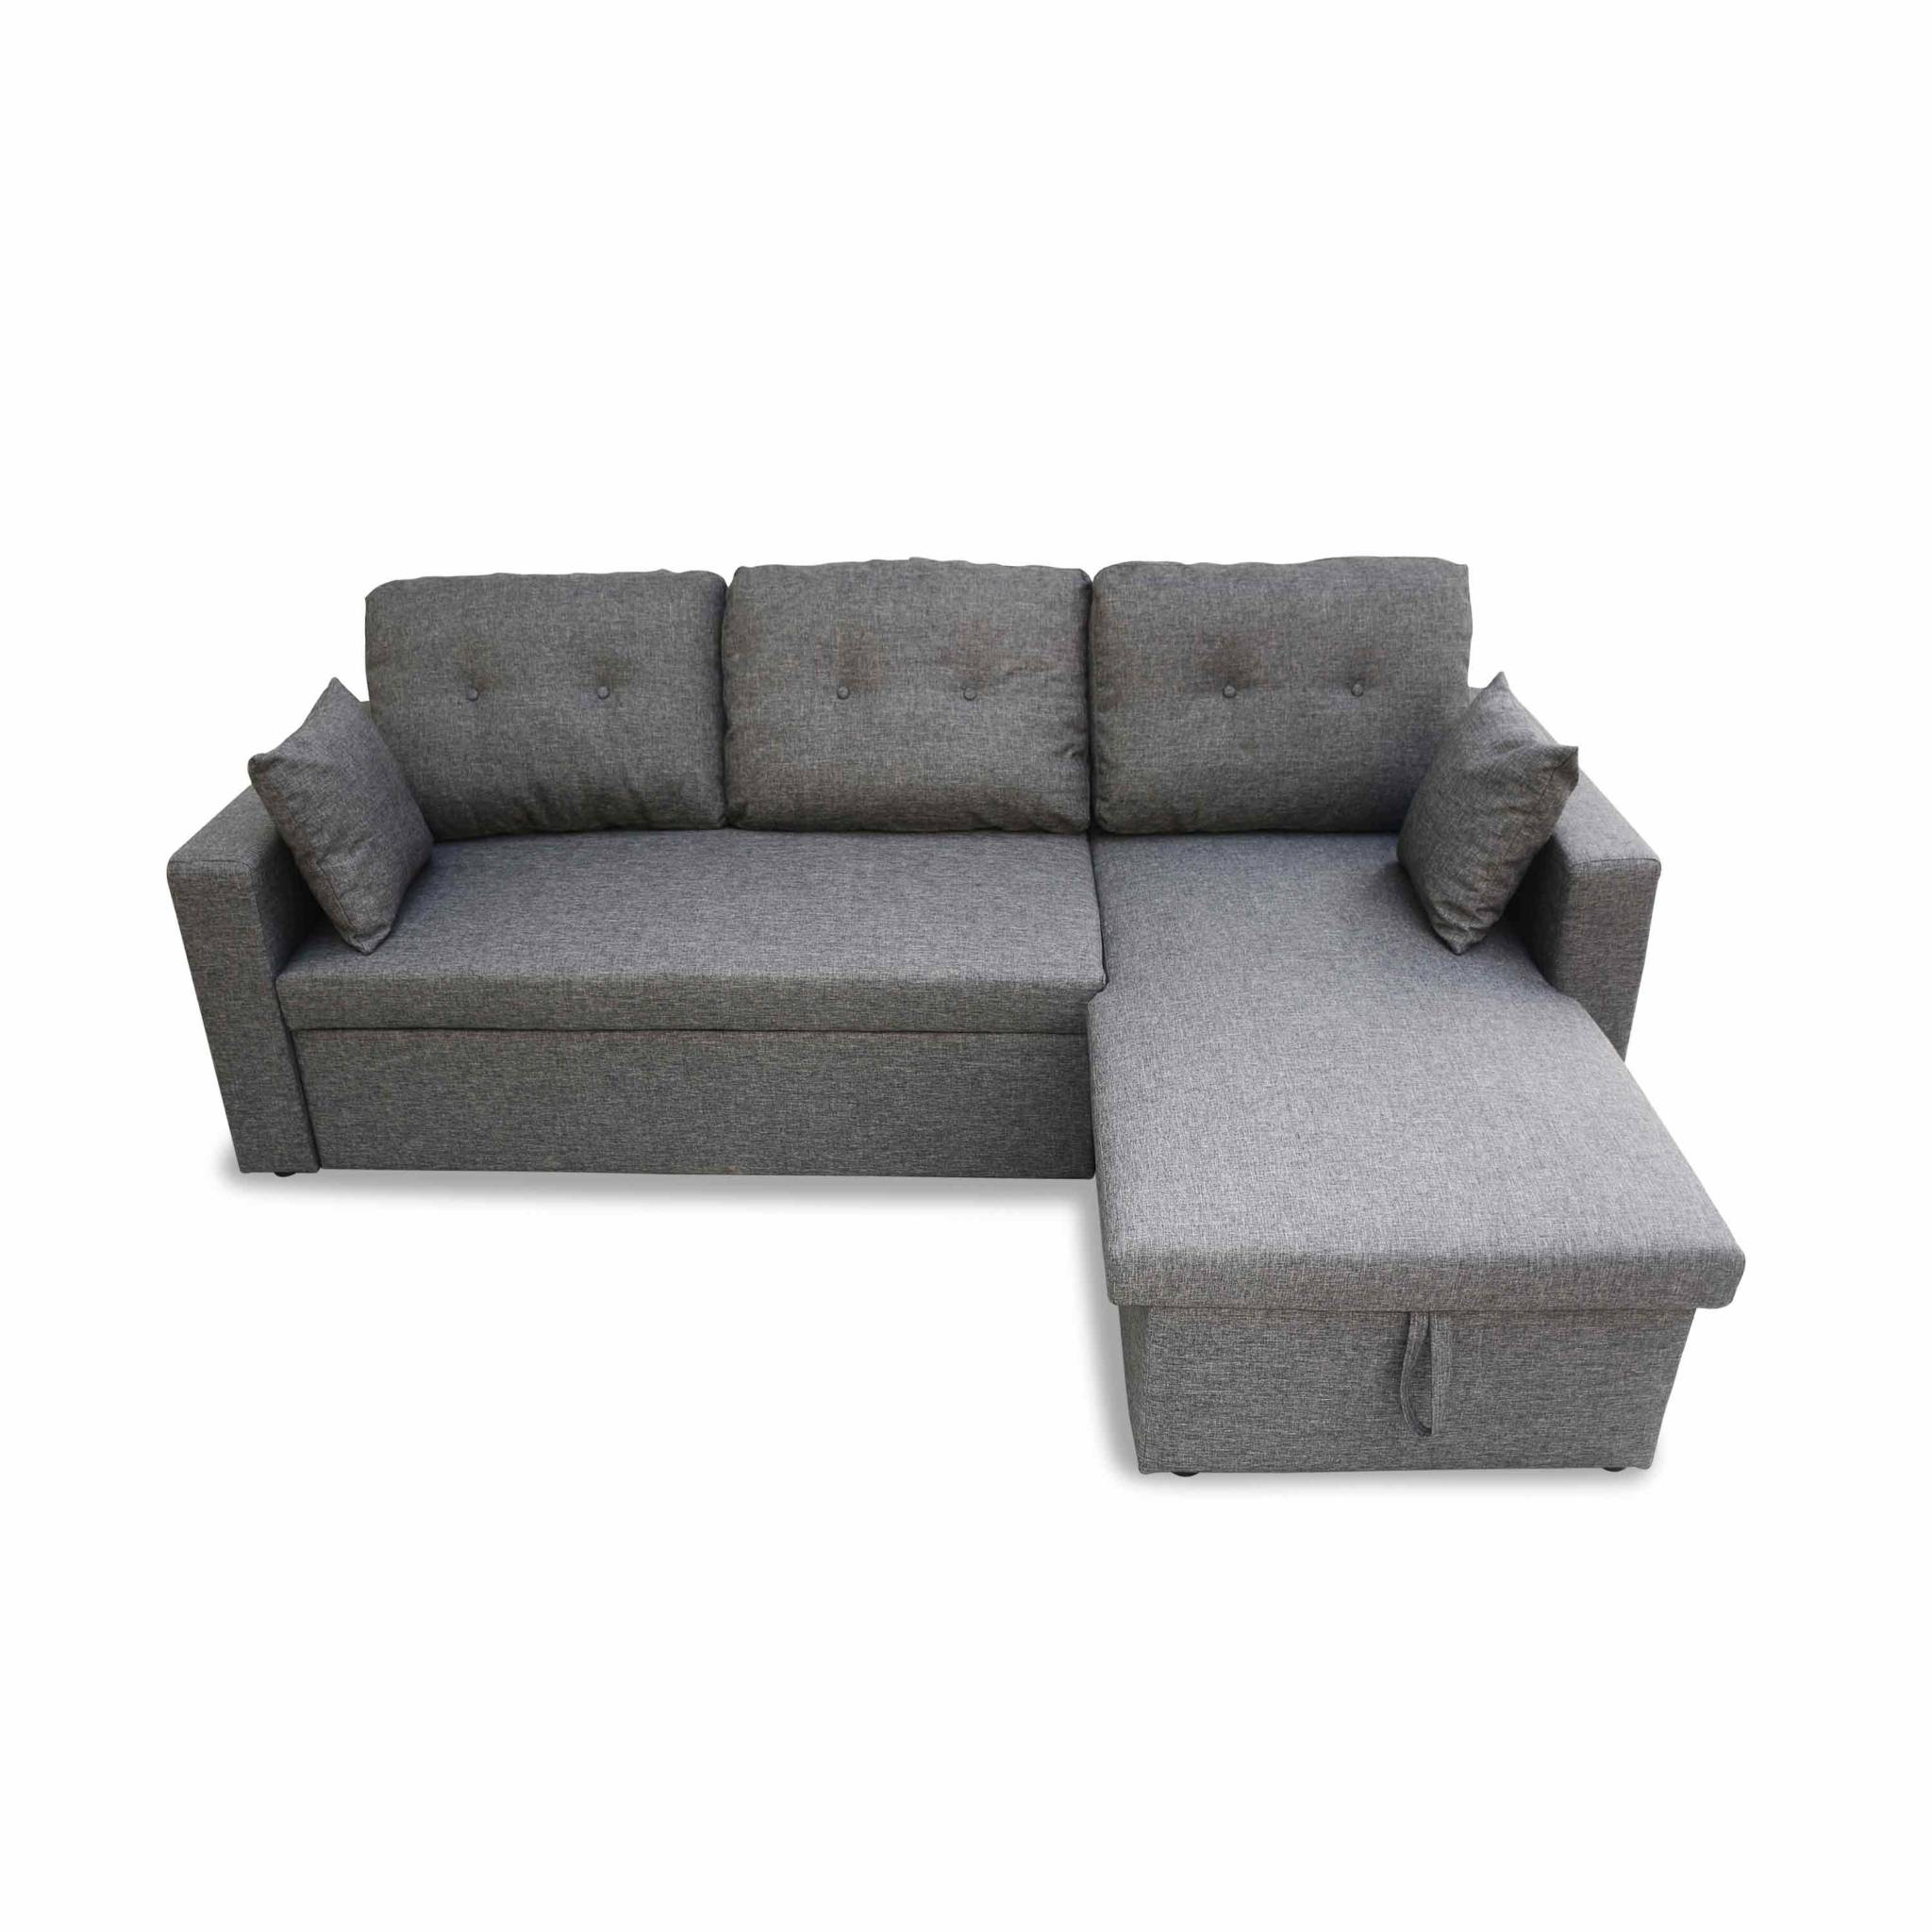 Canapé d'angle convertible en tissu gris chiné foncé - ida - 3 places